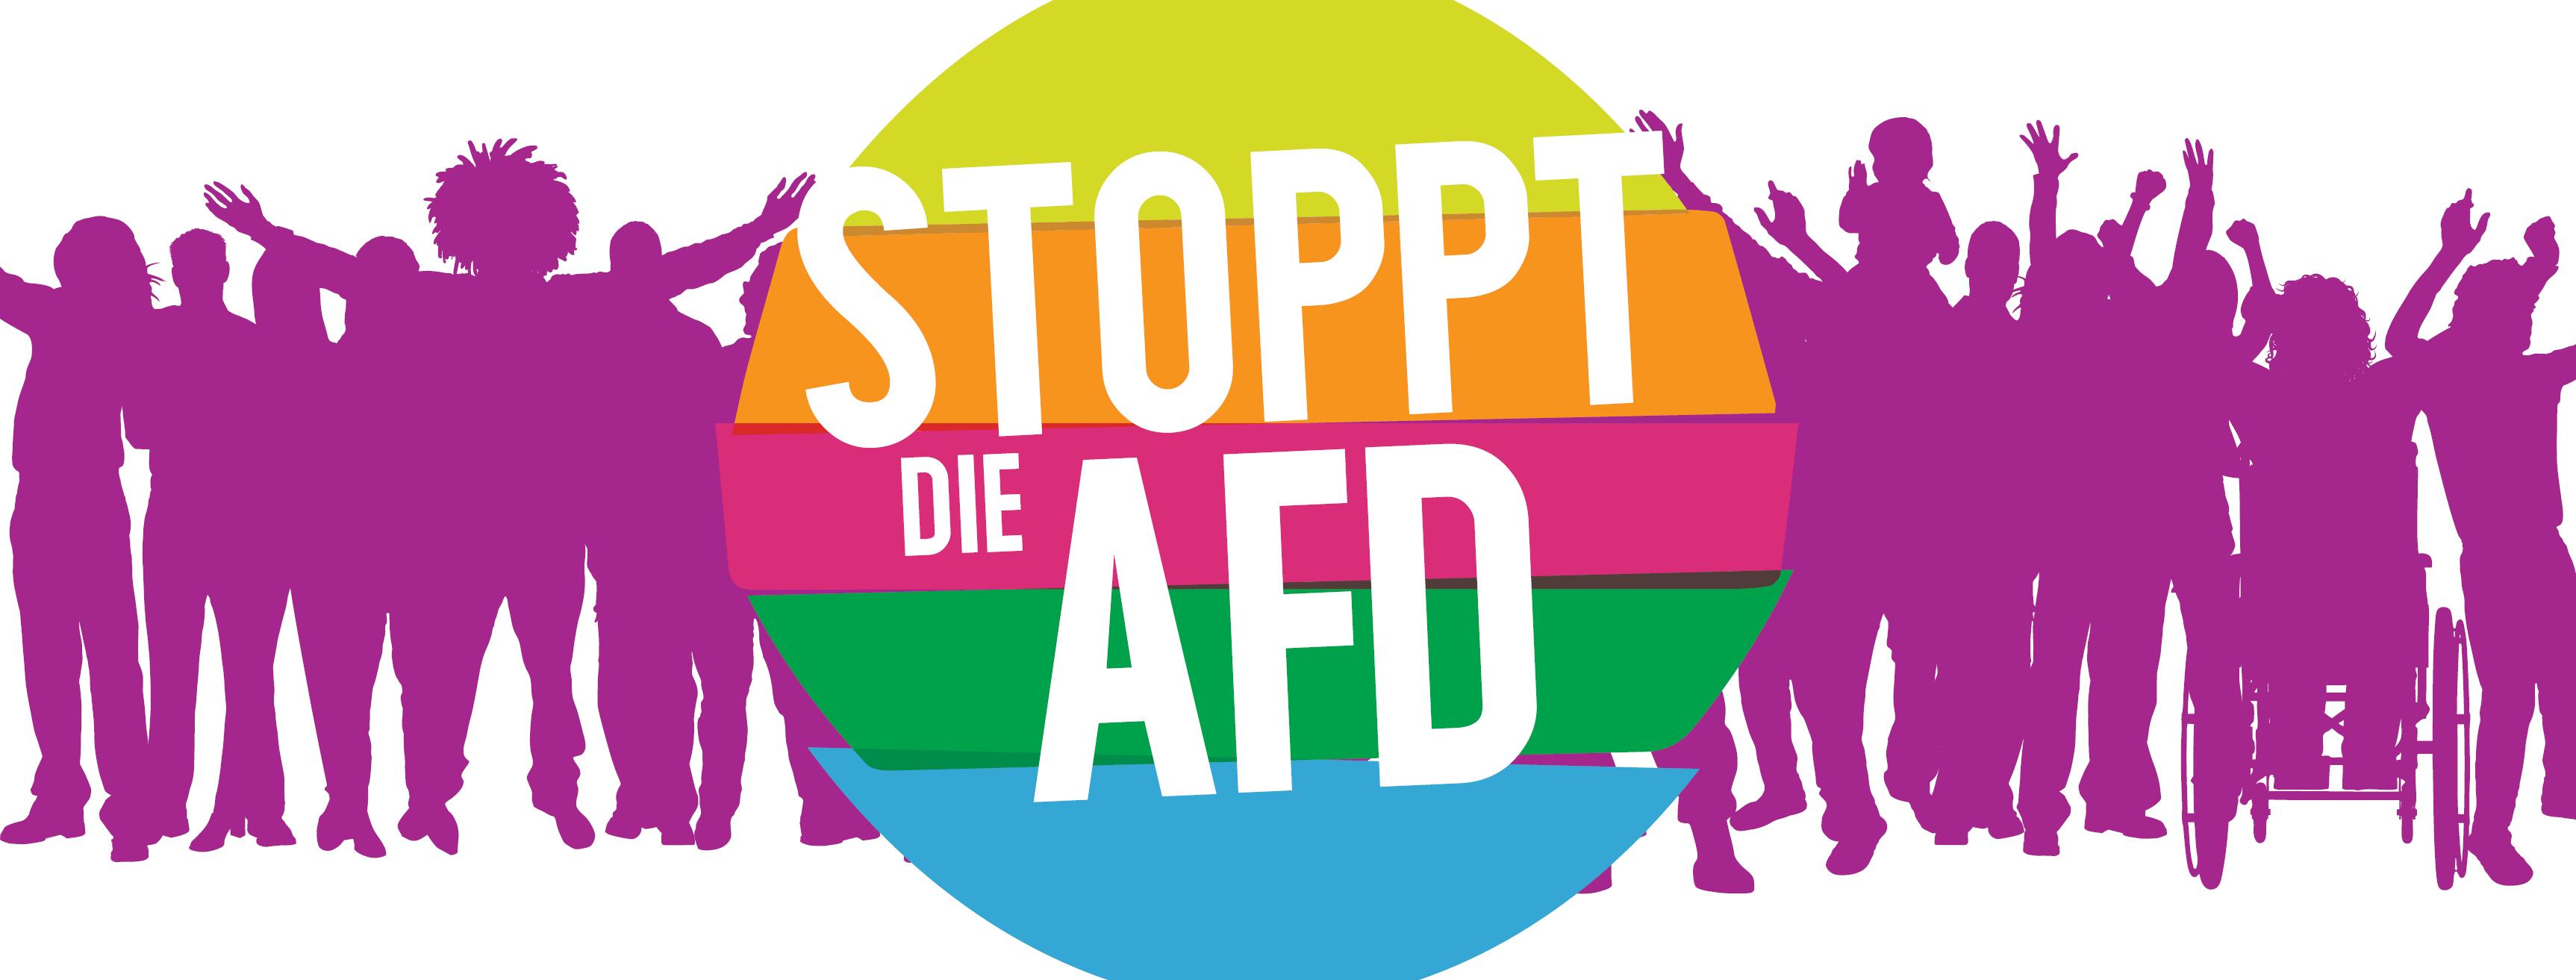 Aufruf zur Gegendemonstration – Kein Feminismus ohne Antirassismus! 17.2. Berlin